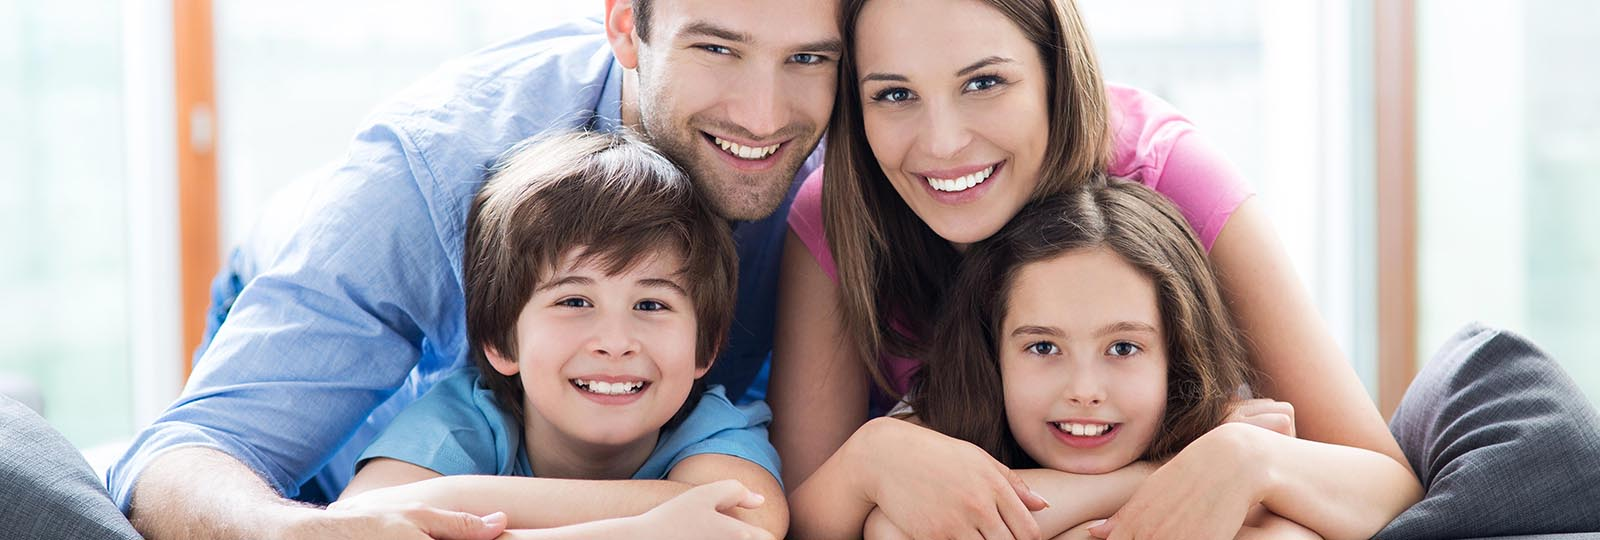 1195:Os desafios de ser pai e mãe